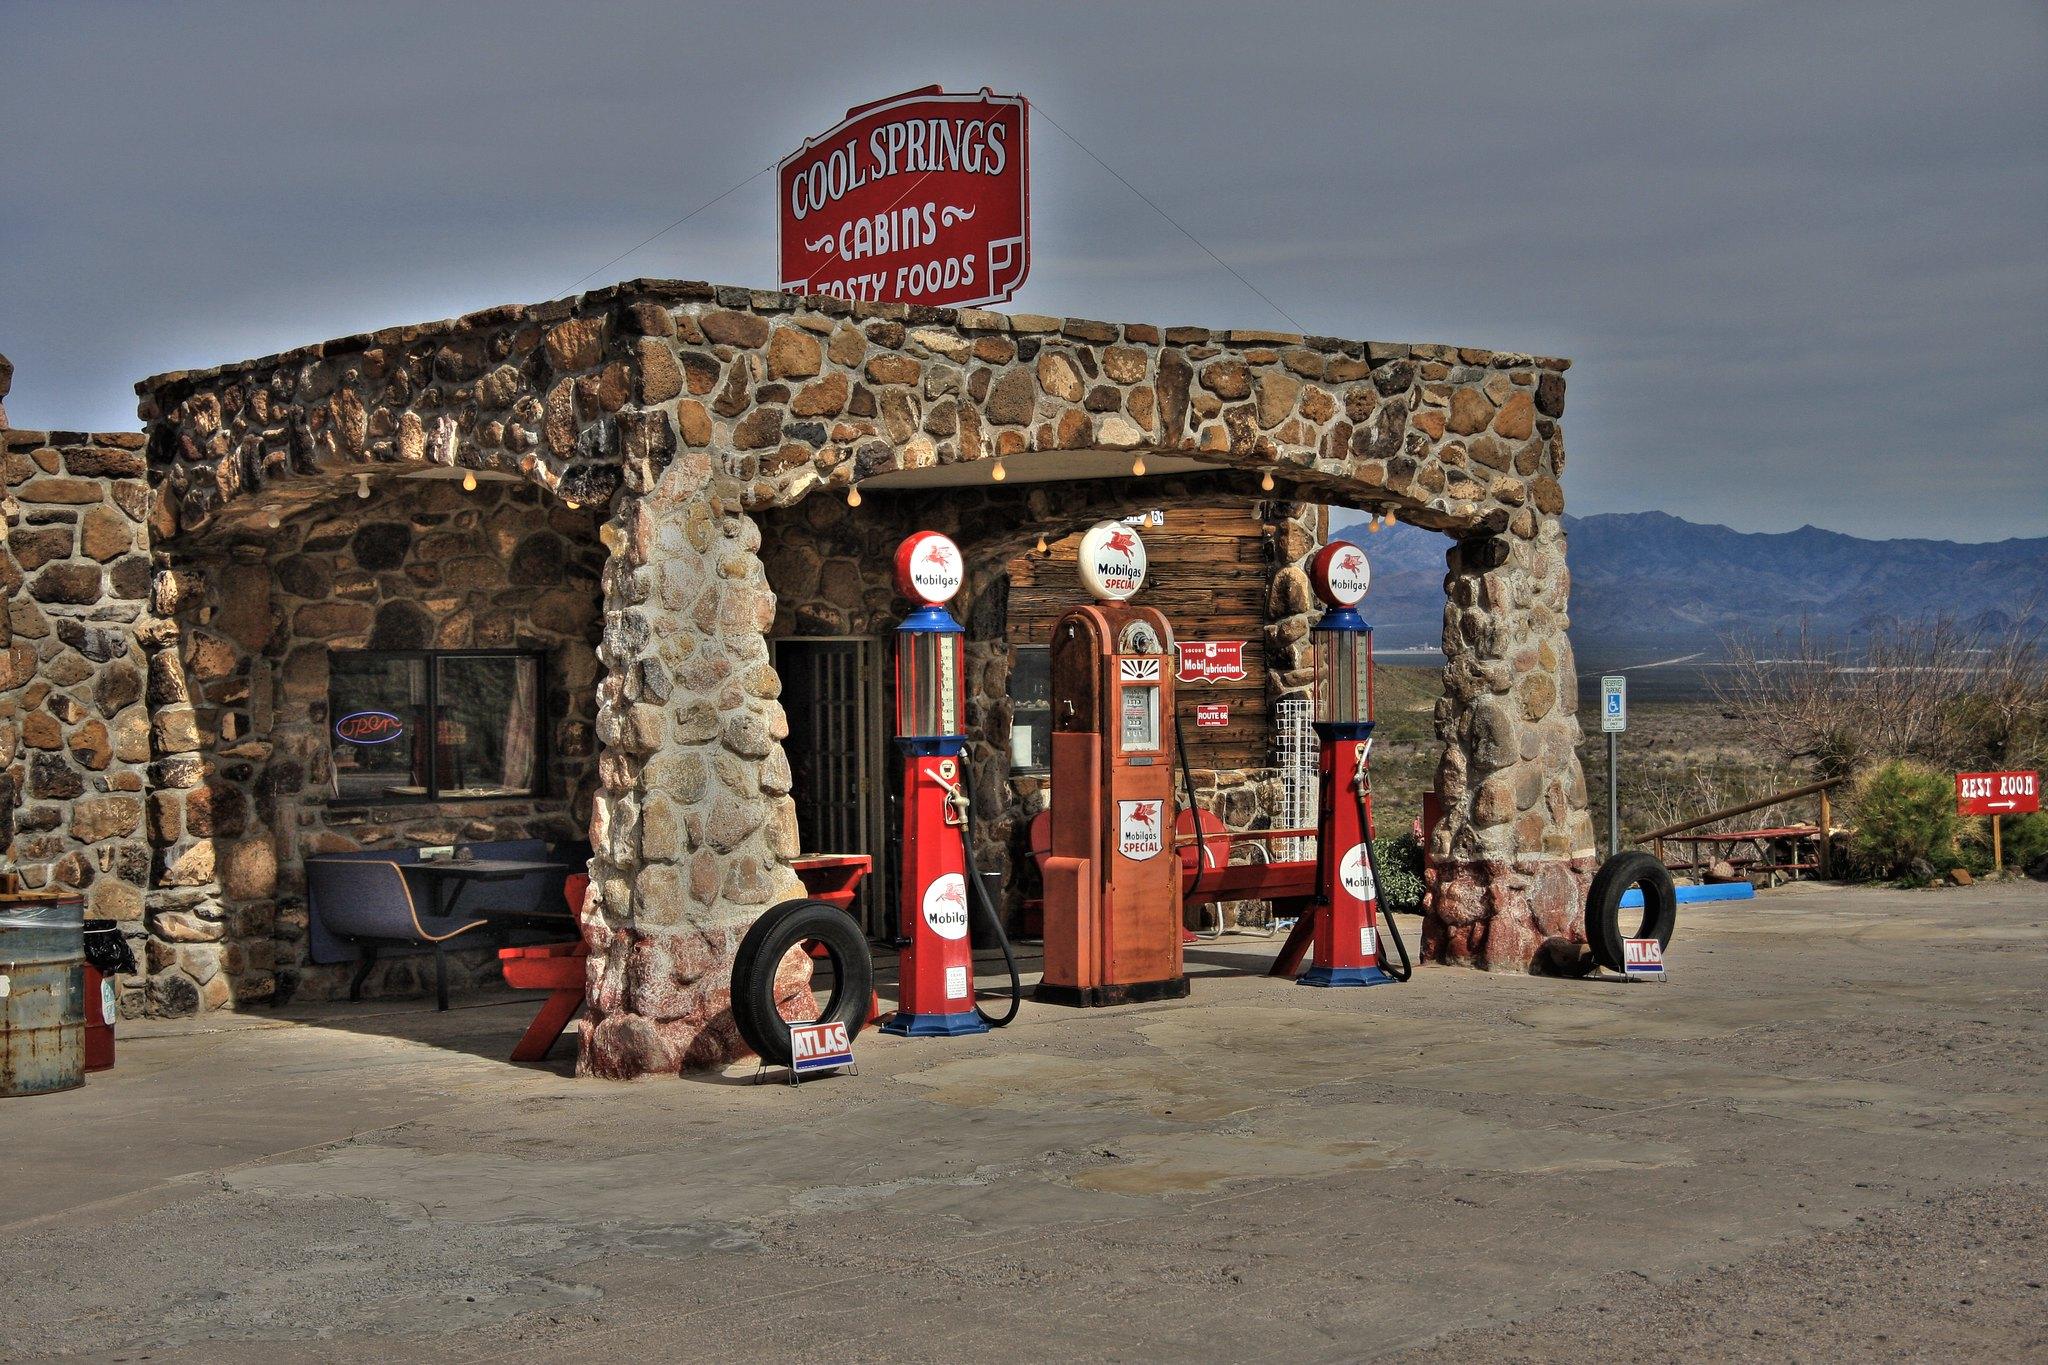 Old gas station in Oatman, Arizona.